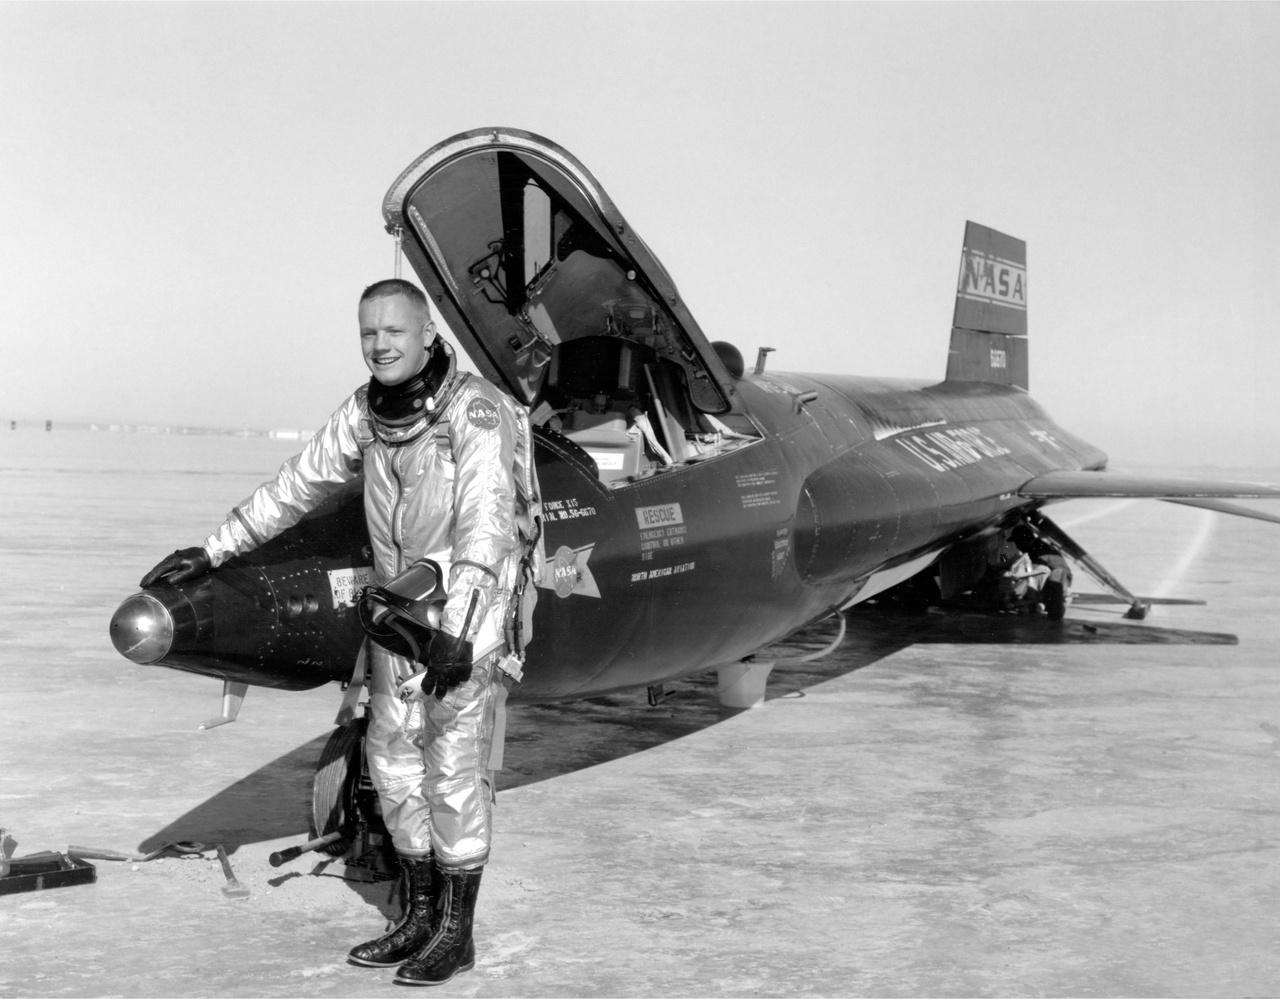 """Armstrong és a 66670 lastromjelű X-15-ös rakétarepülőgép, ami a program első prototípusa volt (a gép jelenleg a Smithsonian Intézet washingtoni múzeumában van kiállítva). A filmben ábrázolt picit túldramatizált jelenet 1962. április 22-én történt, javarészt azért valóban úgy, ahogy a forgatókönyv alapján a filmbe került. A film alapjául szolgáló életrajzi könyv (James R. Hansen: First Man, chapter 15: Higher resolve) szerint Armstrong aznap 63 kilométeres magasságig emelkedett a géppel, és ereszkedés közben párszor """"lepattant"""" a légkörről, de ez szándékos volt, mivel Armstrongnak egy speciális, gyorsulási terhelést mérő műszer tesztelése volt a feladata."""